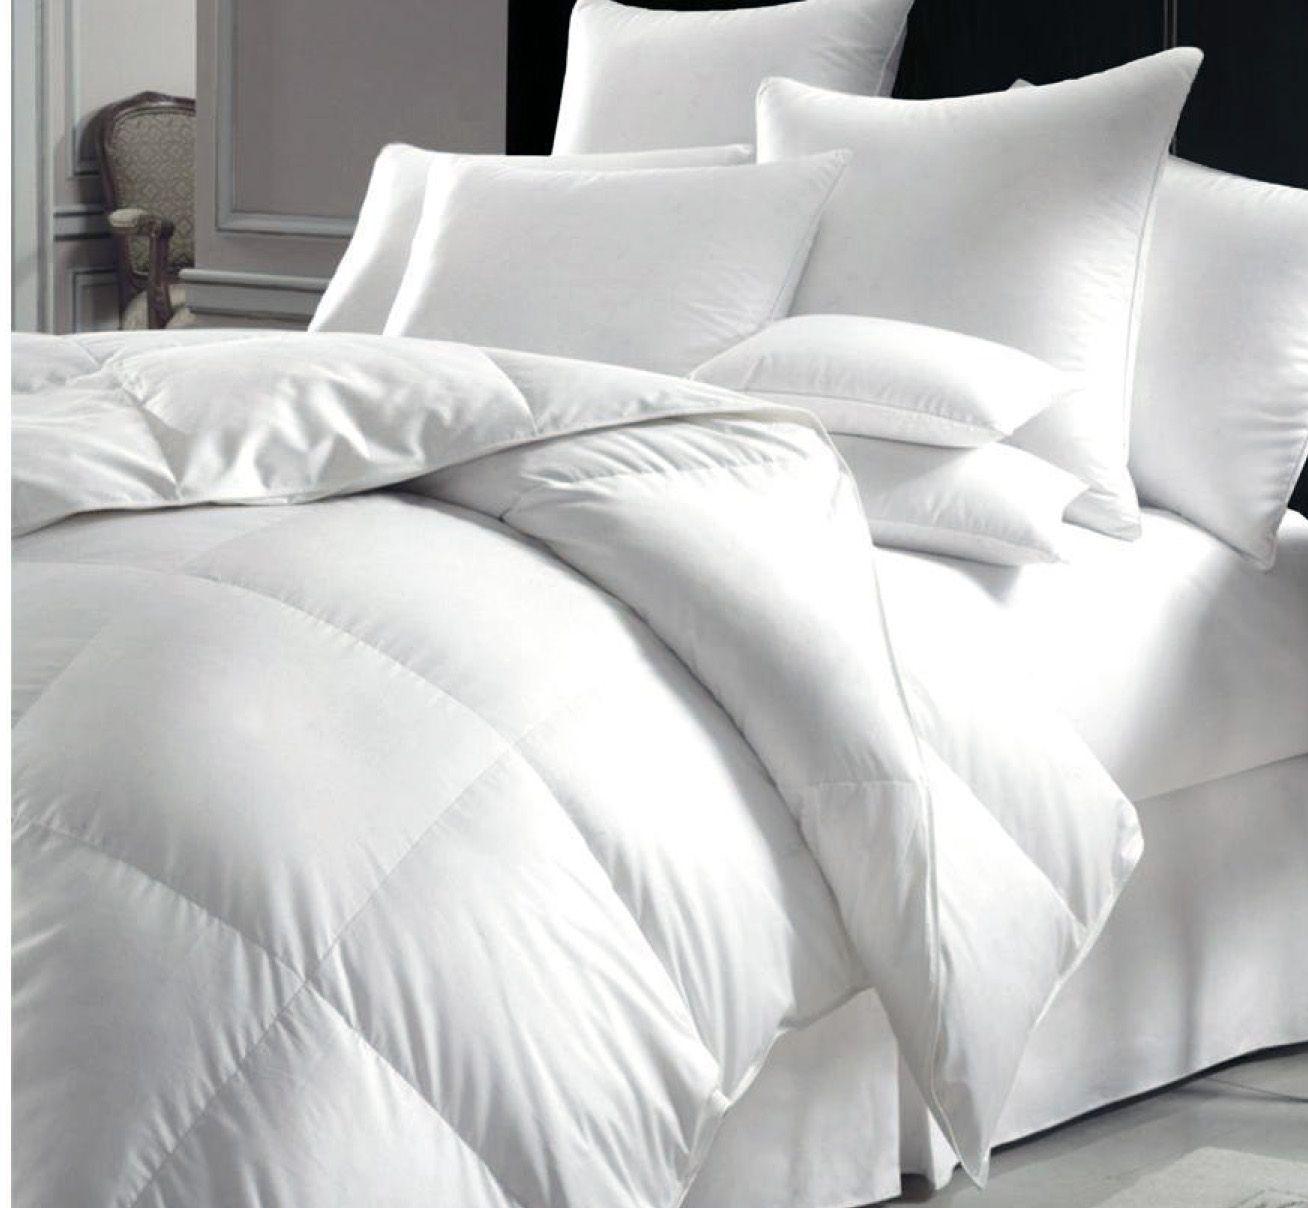 Lux Duvet Pillow Inners httpwwwlovelylinencozaproduct